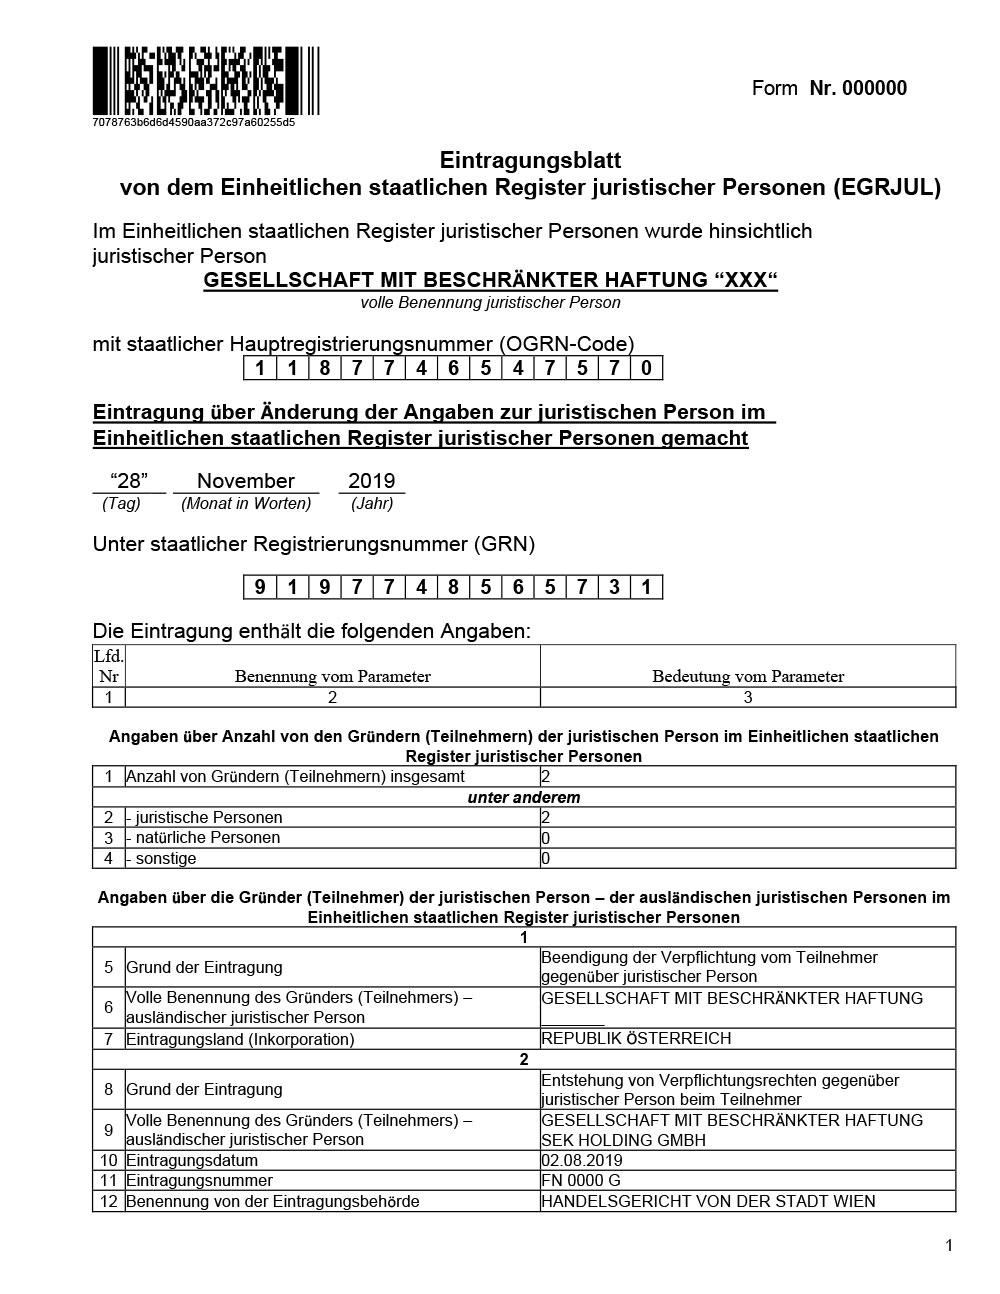 Пример перевода Выписка из ЕГРЮЛ на немецкий